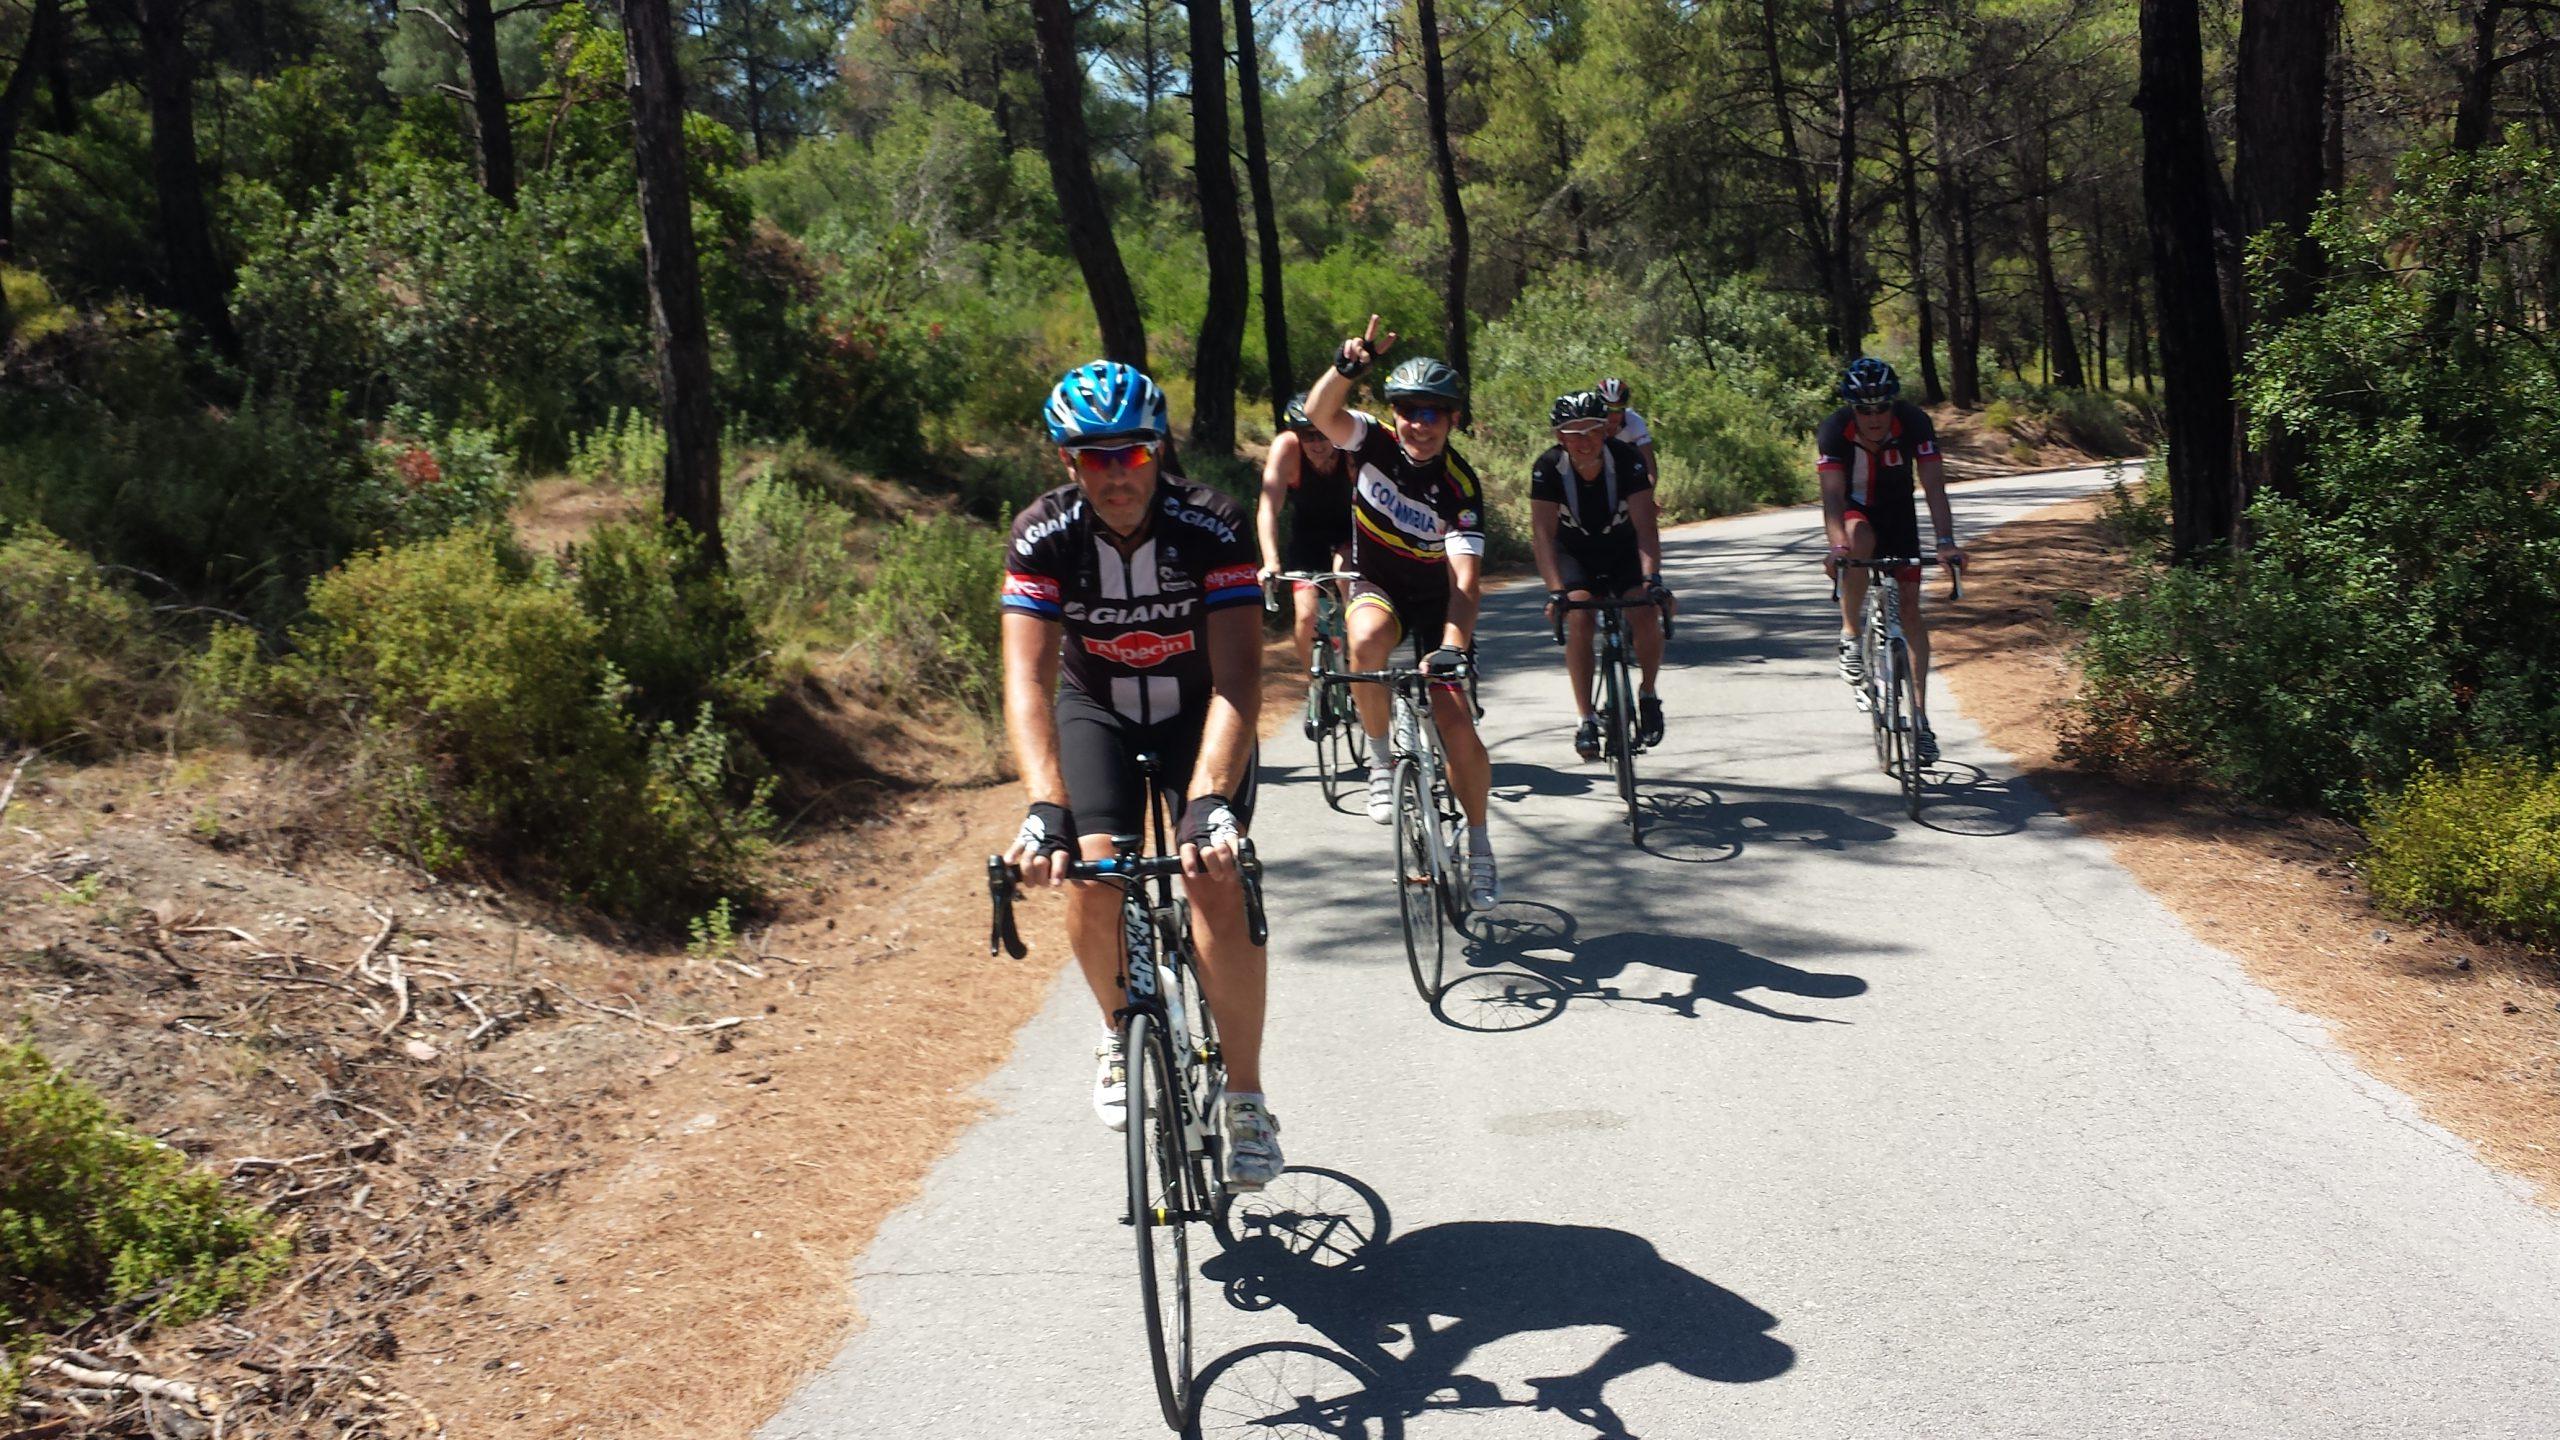 Ποδηλασία συνέχεια στη Ρόδο, αυτή τη φορά με κάτι διαφορετικό και πρωτοποριακό! Το «1ο RhodesBikeFestival» είναι γεγονός